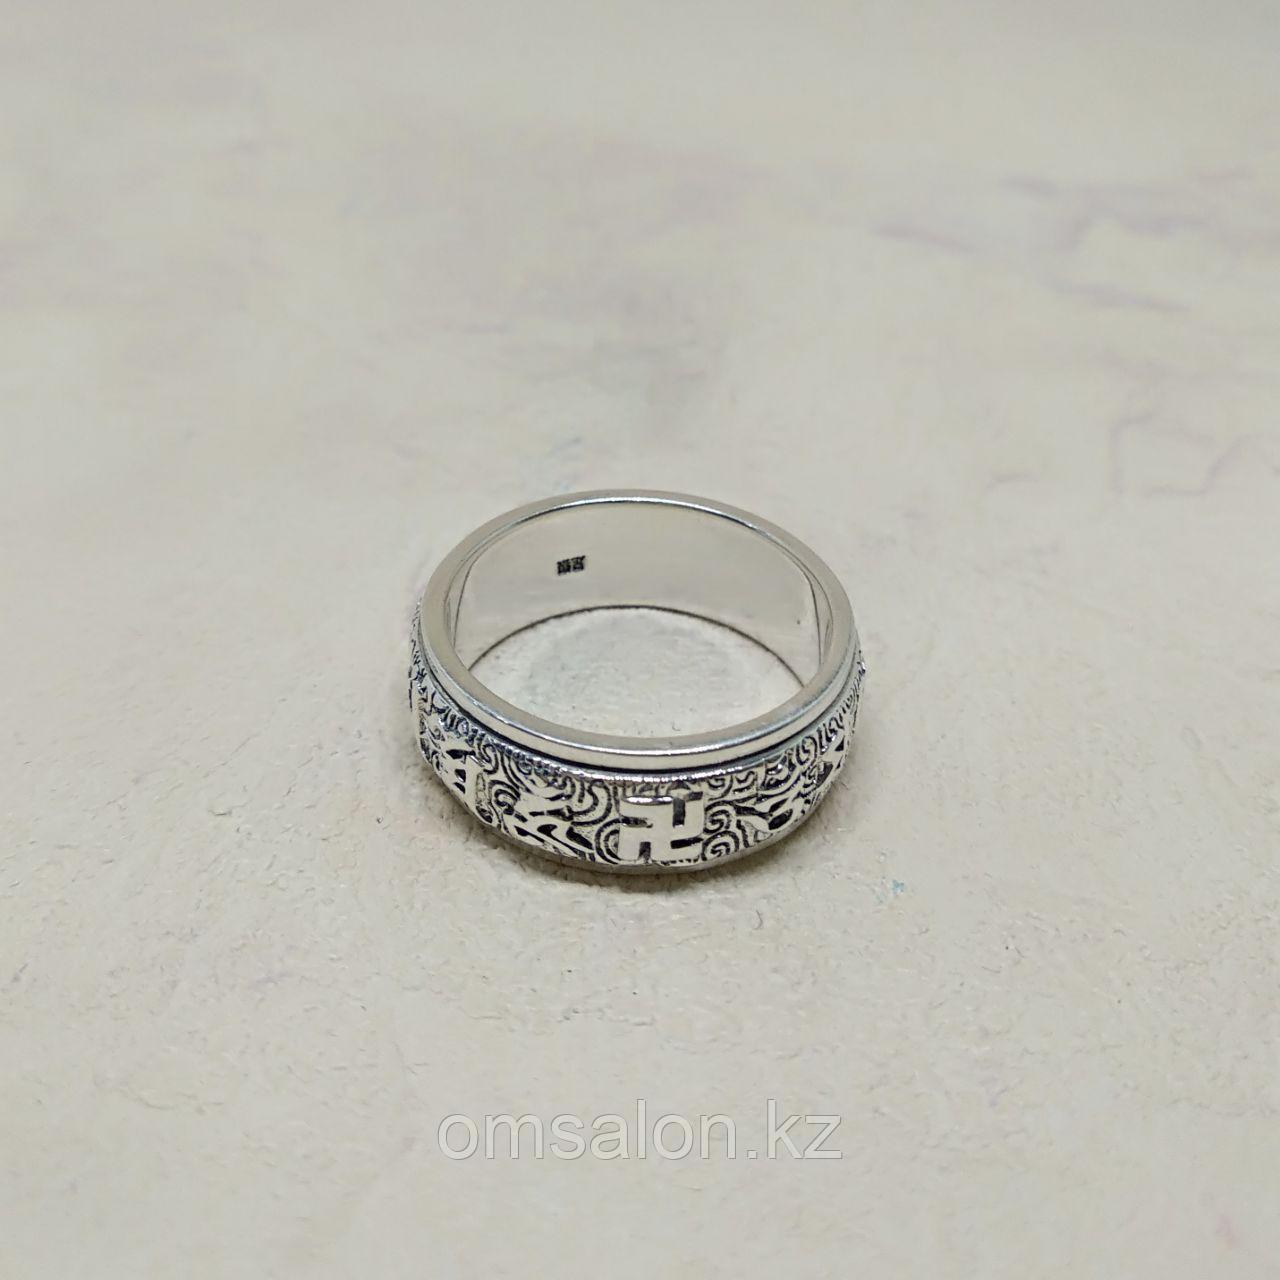 Кольцо Ом Мани Падме Хум со свастикой, двойное, серебро 925